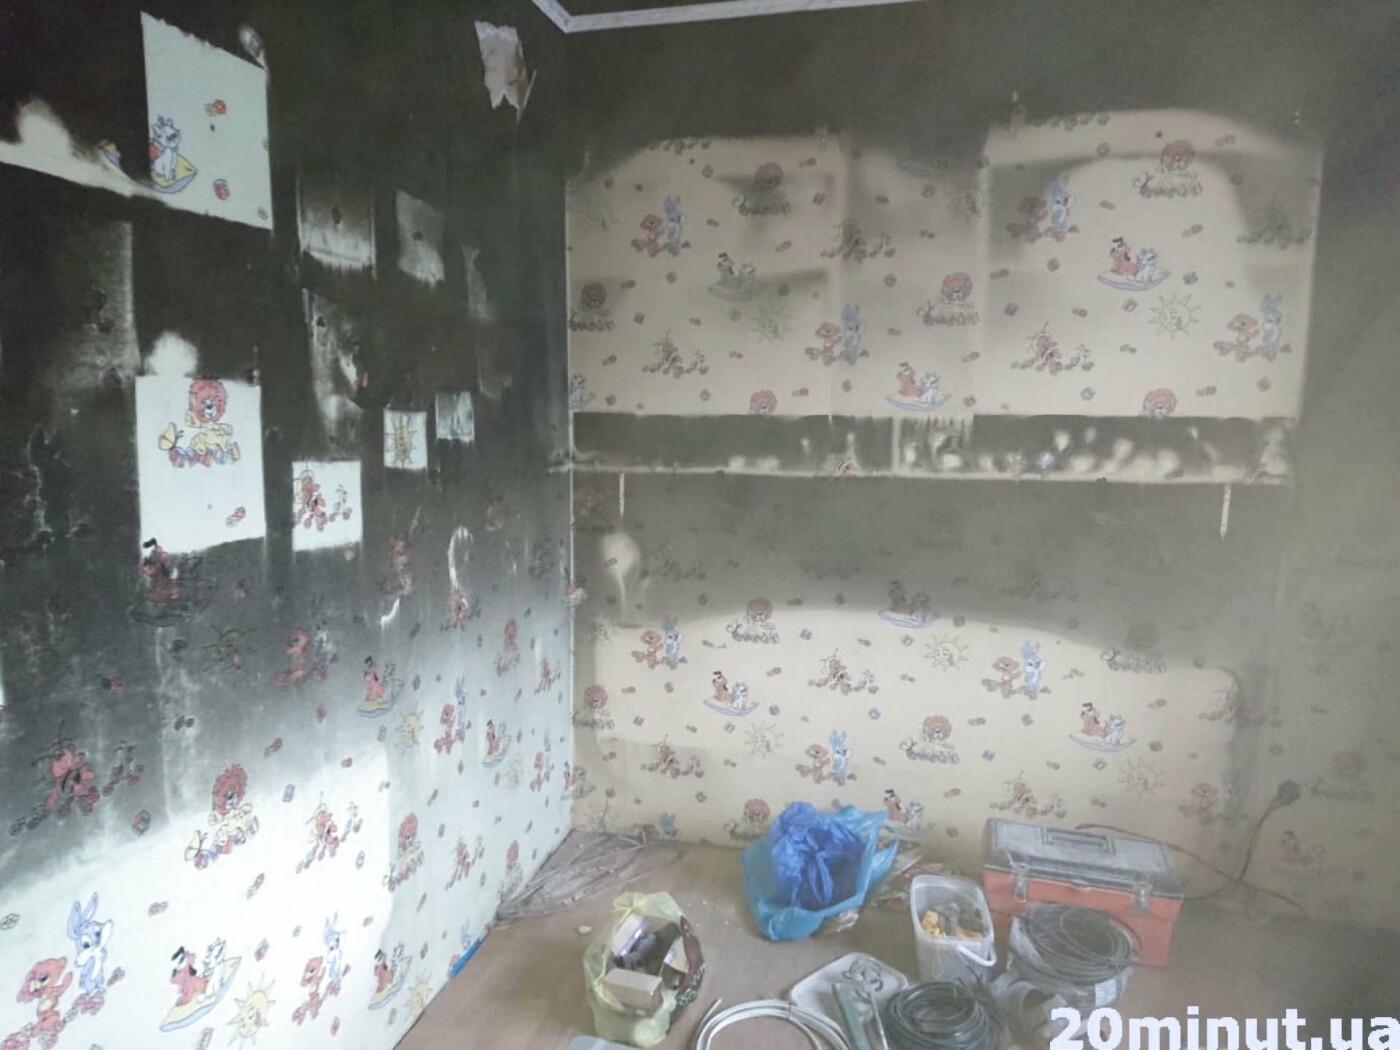 """""""Донька боїться бути сама"""": сім'я тернополян вчиться жити наново після страшної пожежі (Фото), фото-6"""